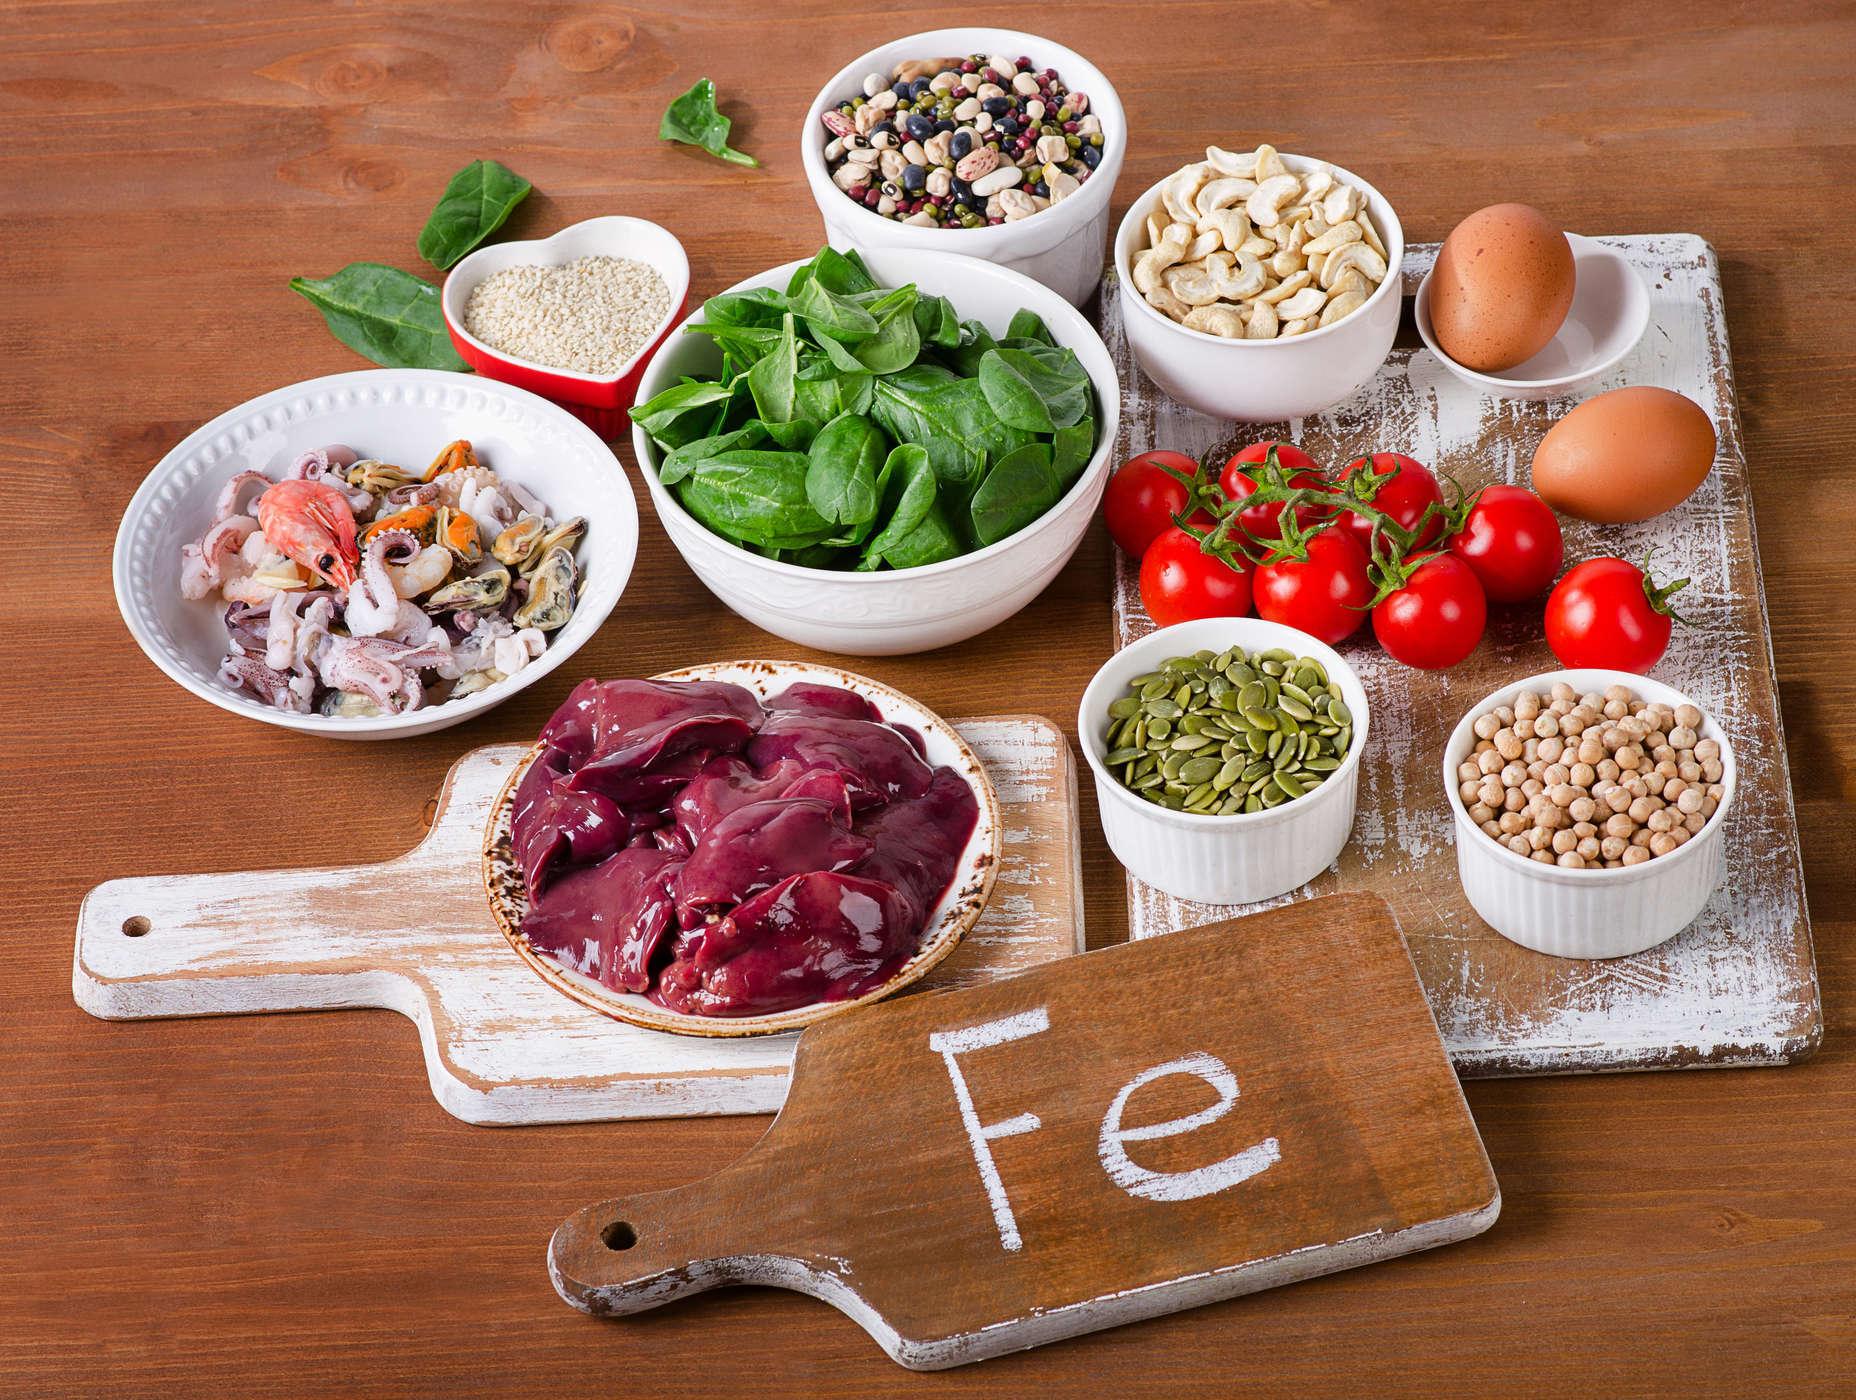 Người thiếu máu nên ăn gì bổ sung sắt tốt nhất?